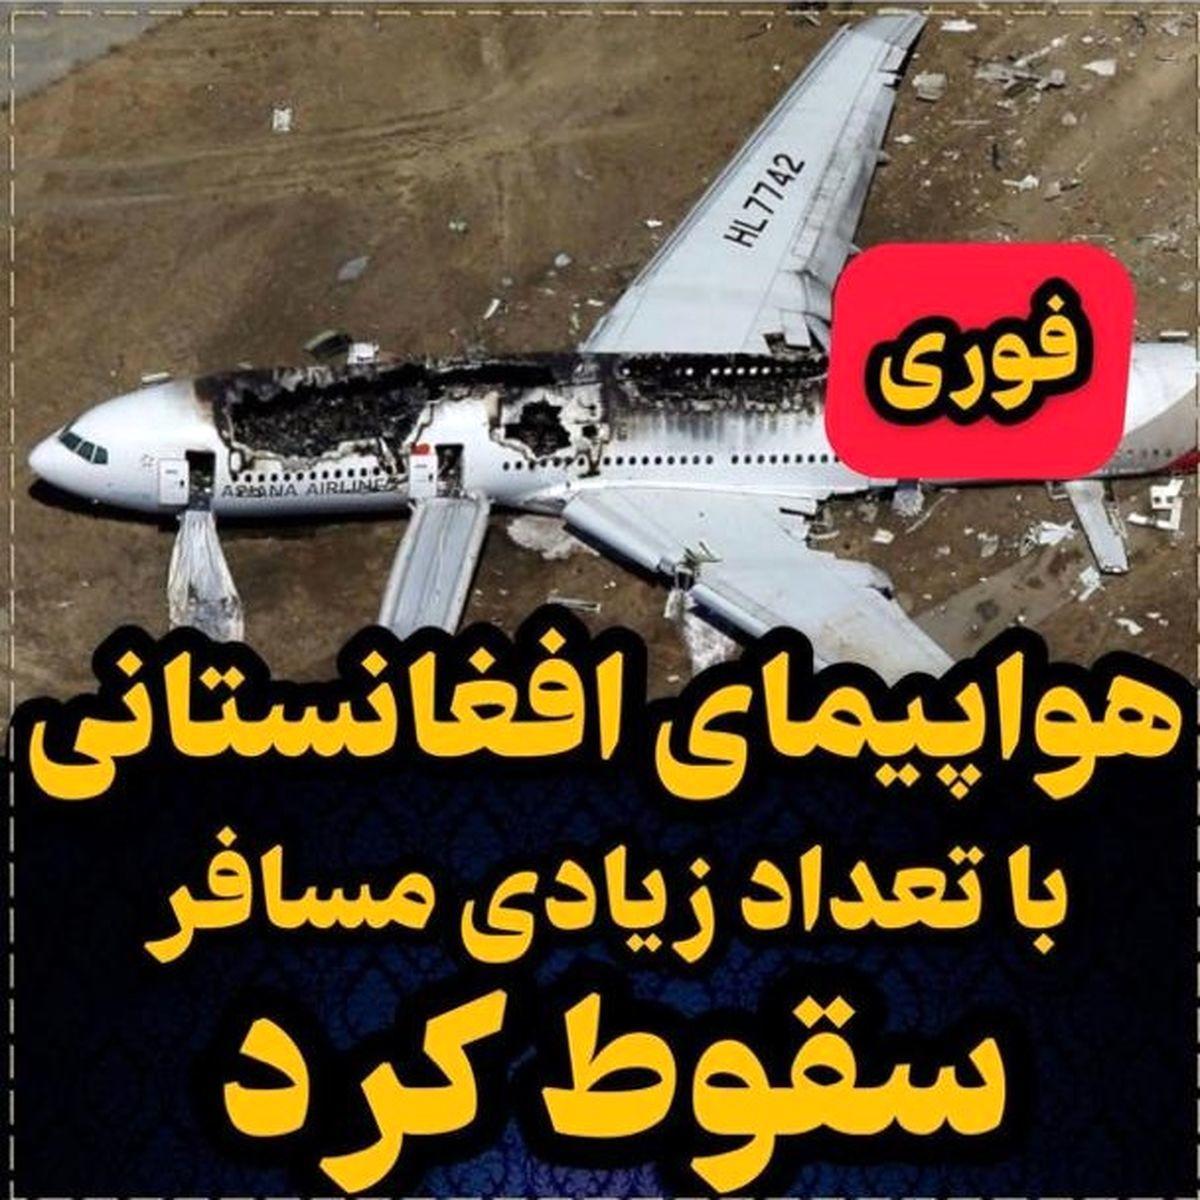 لحظه سقوط دو افغان از هواپیما   فیلم